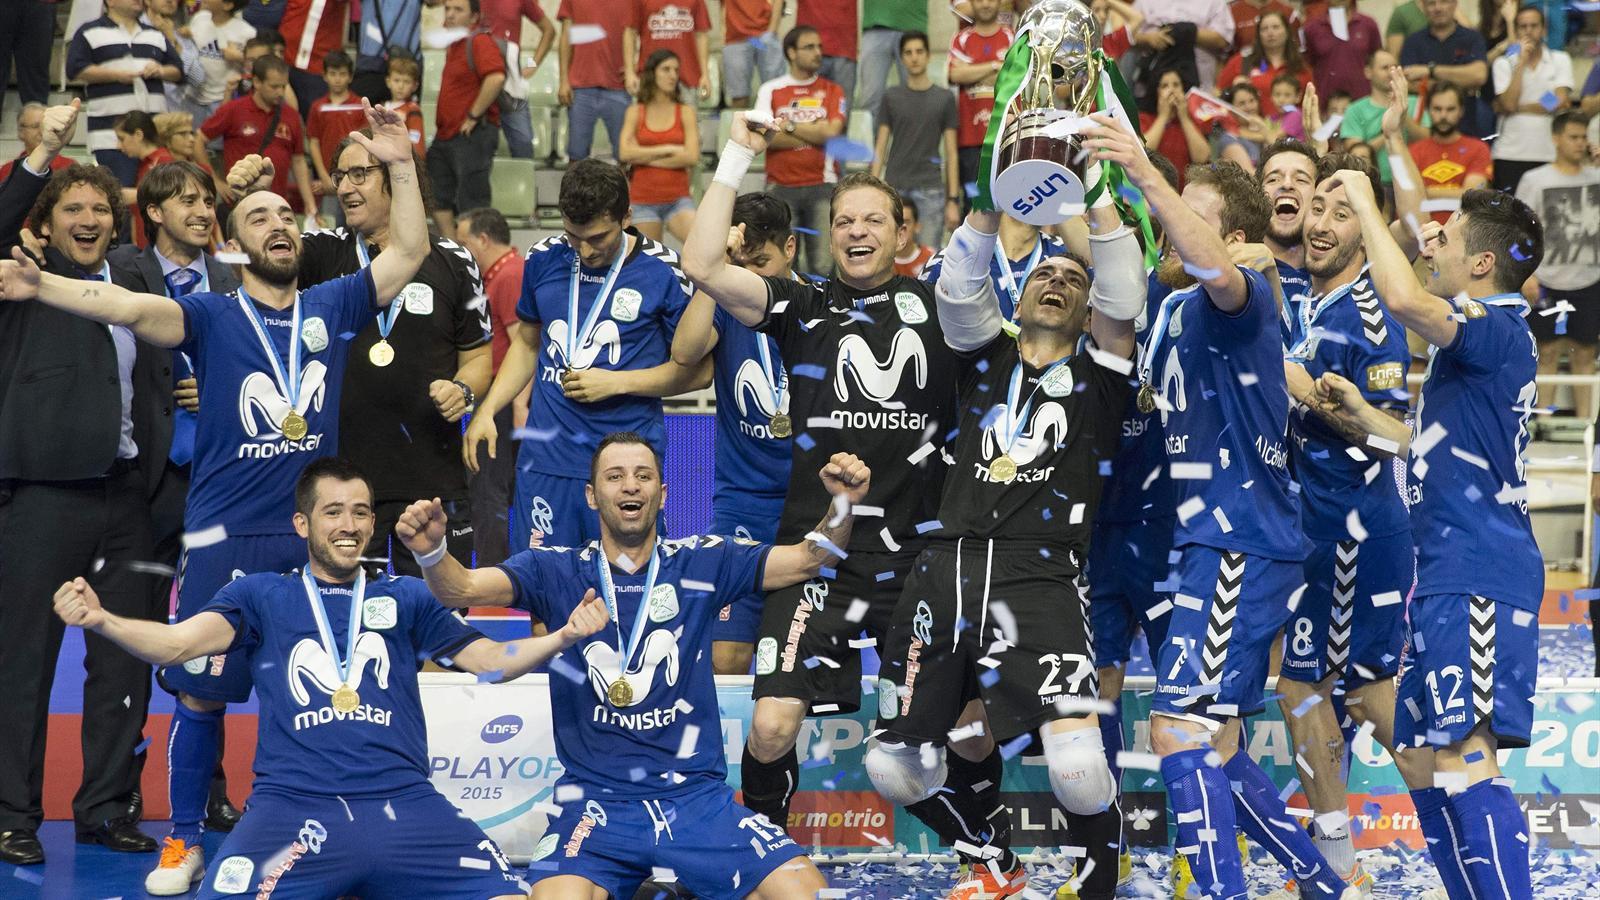 Inter campeón con dos victorias a domicilio